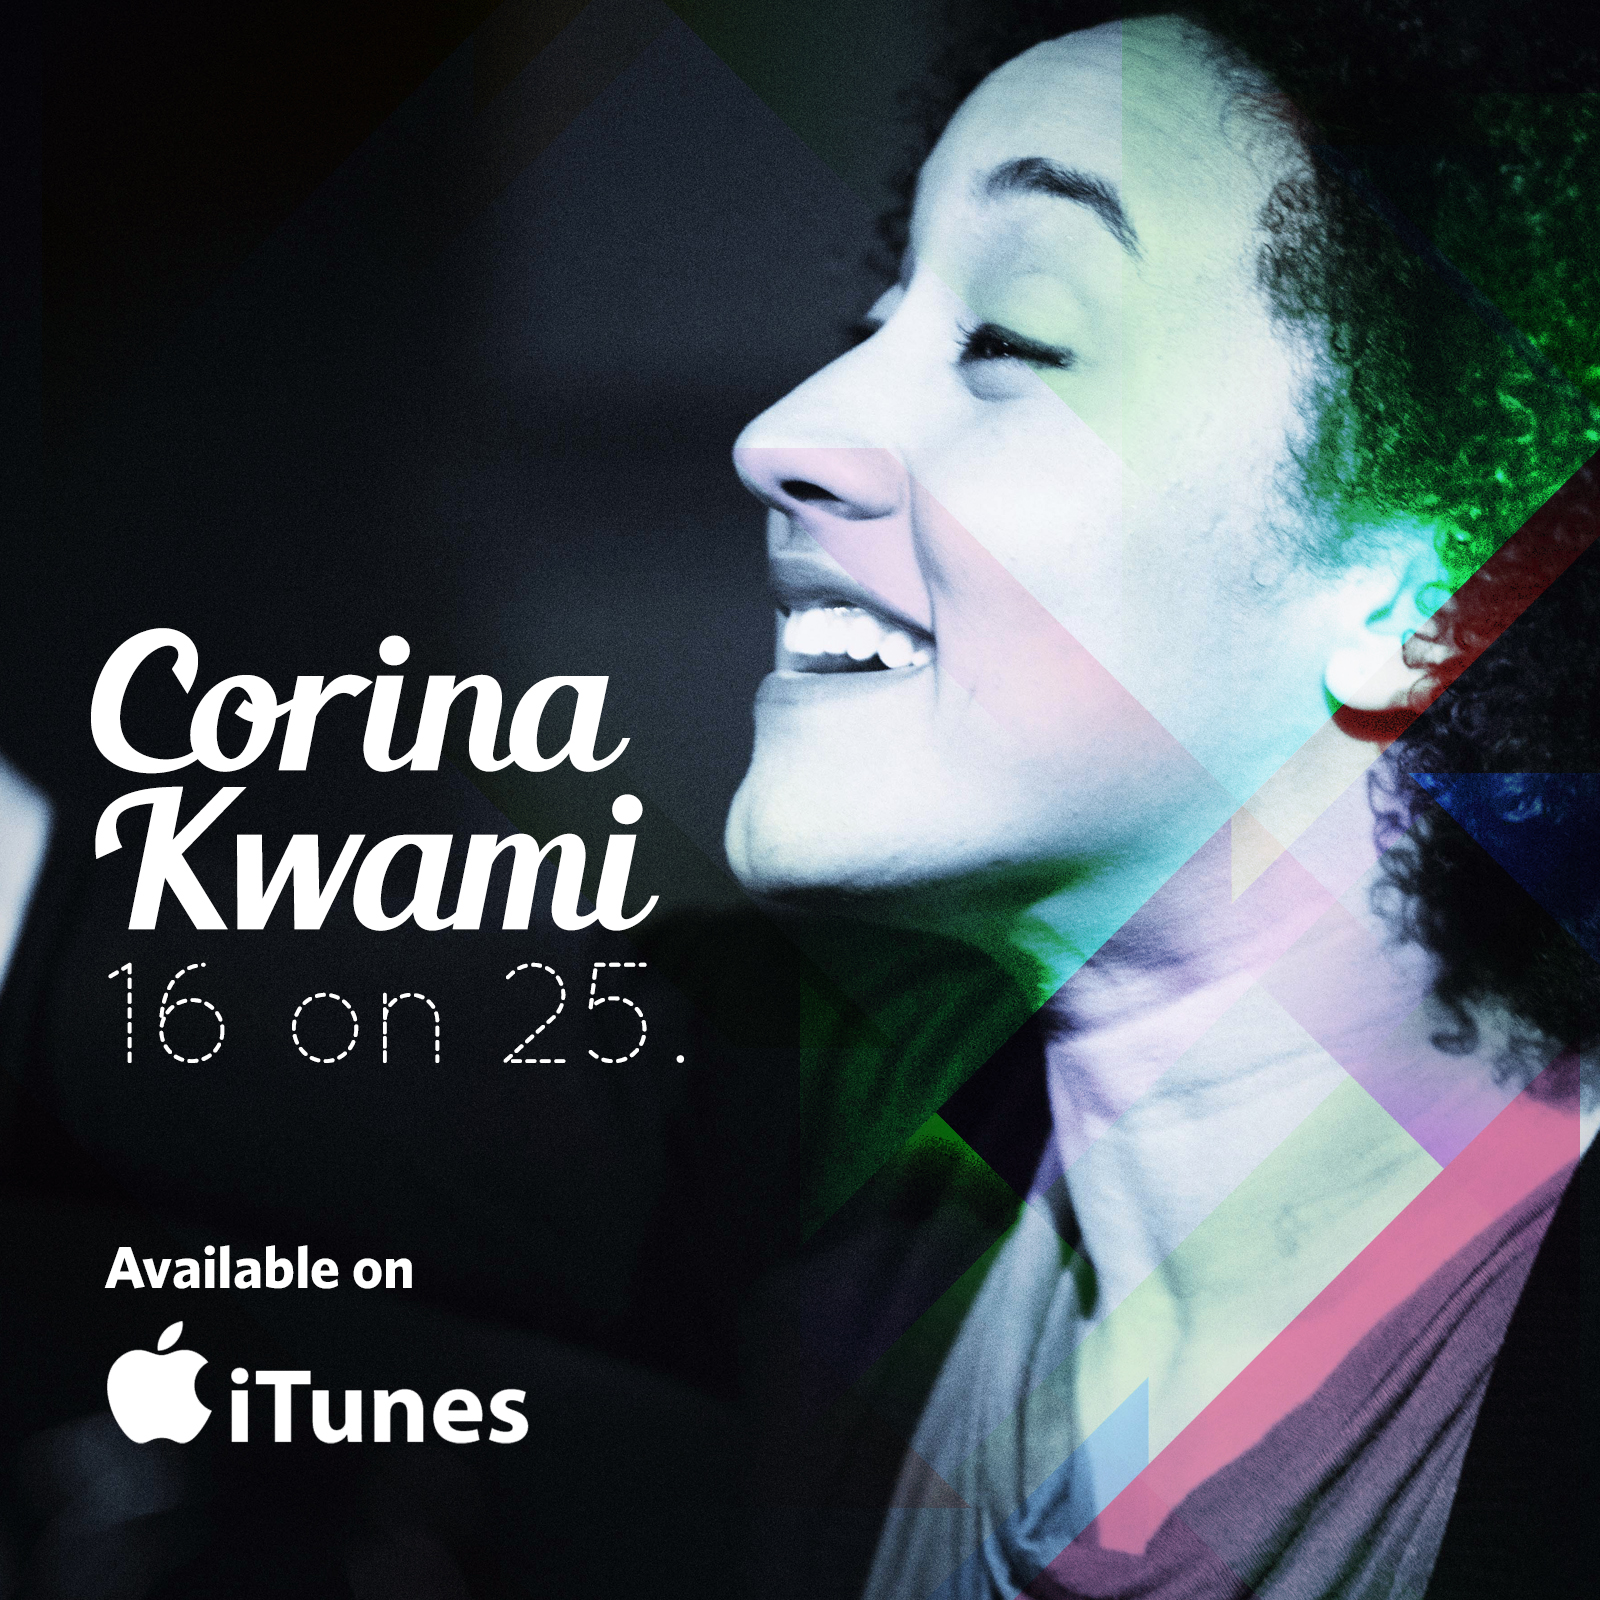 Corina Kwami - 16 On 25 itunes.jpg